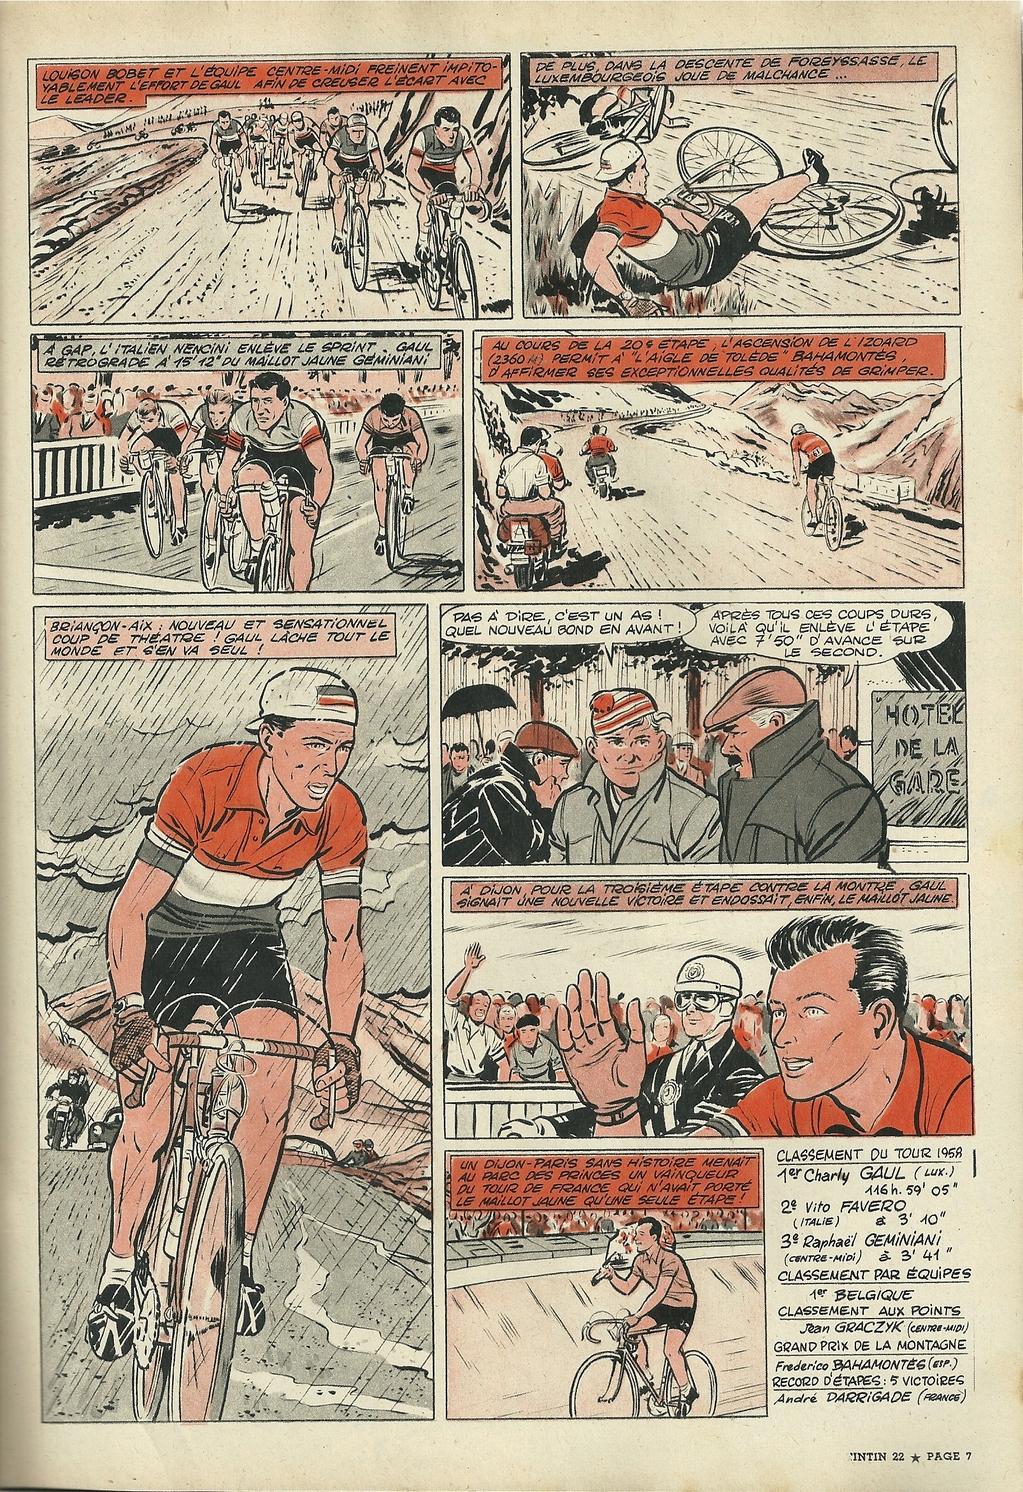 Le Tour 58 (4)